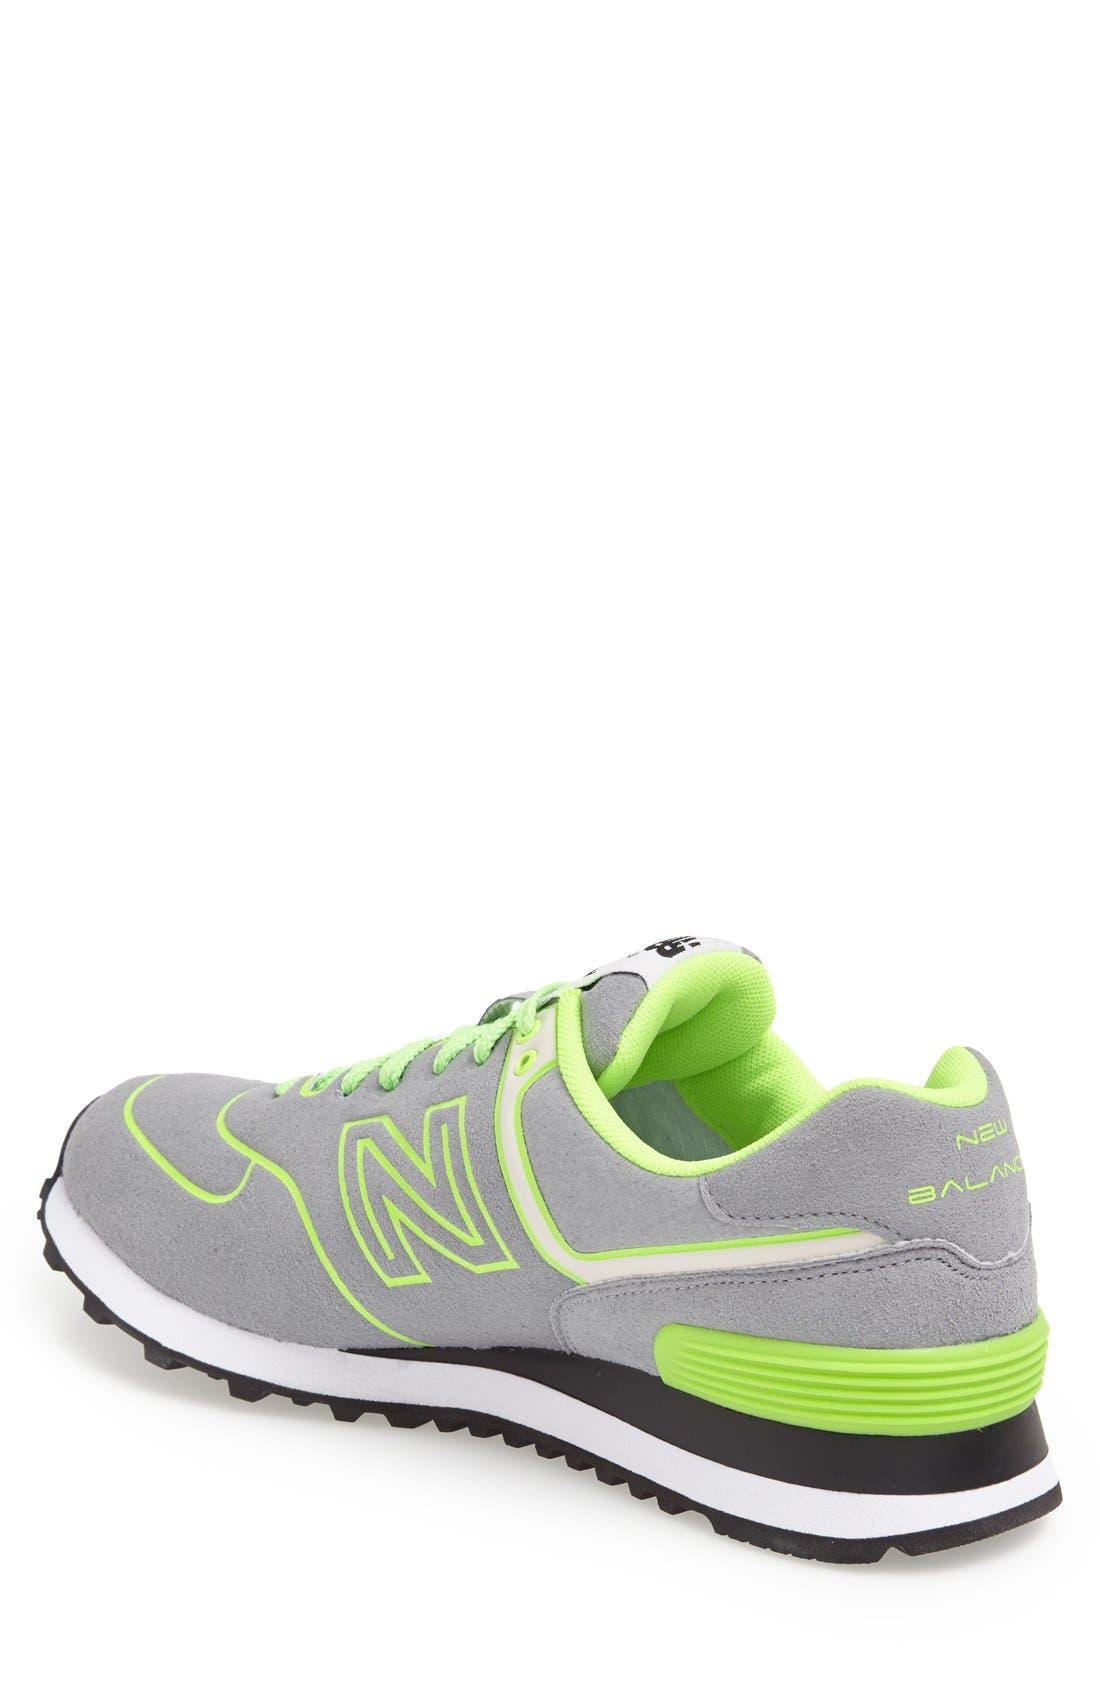 Alternate Image 2  - New Balance '574 Neon' Sneaker (Men)